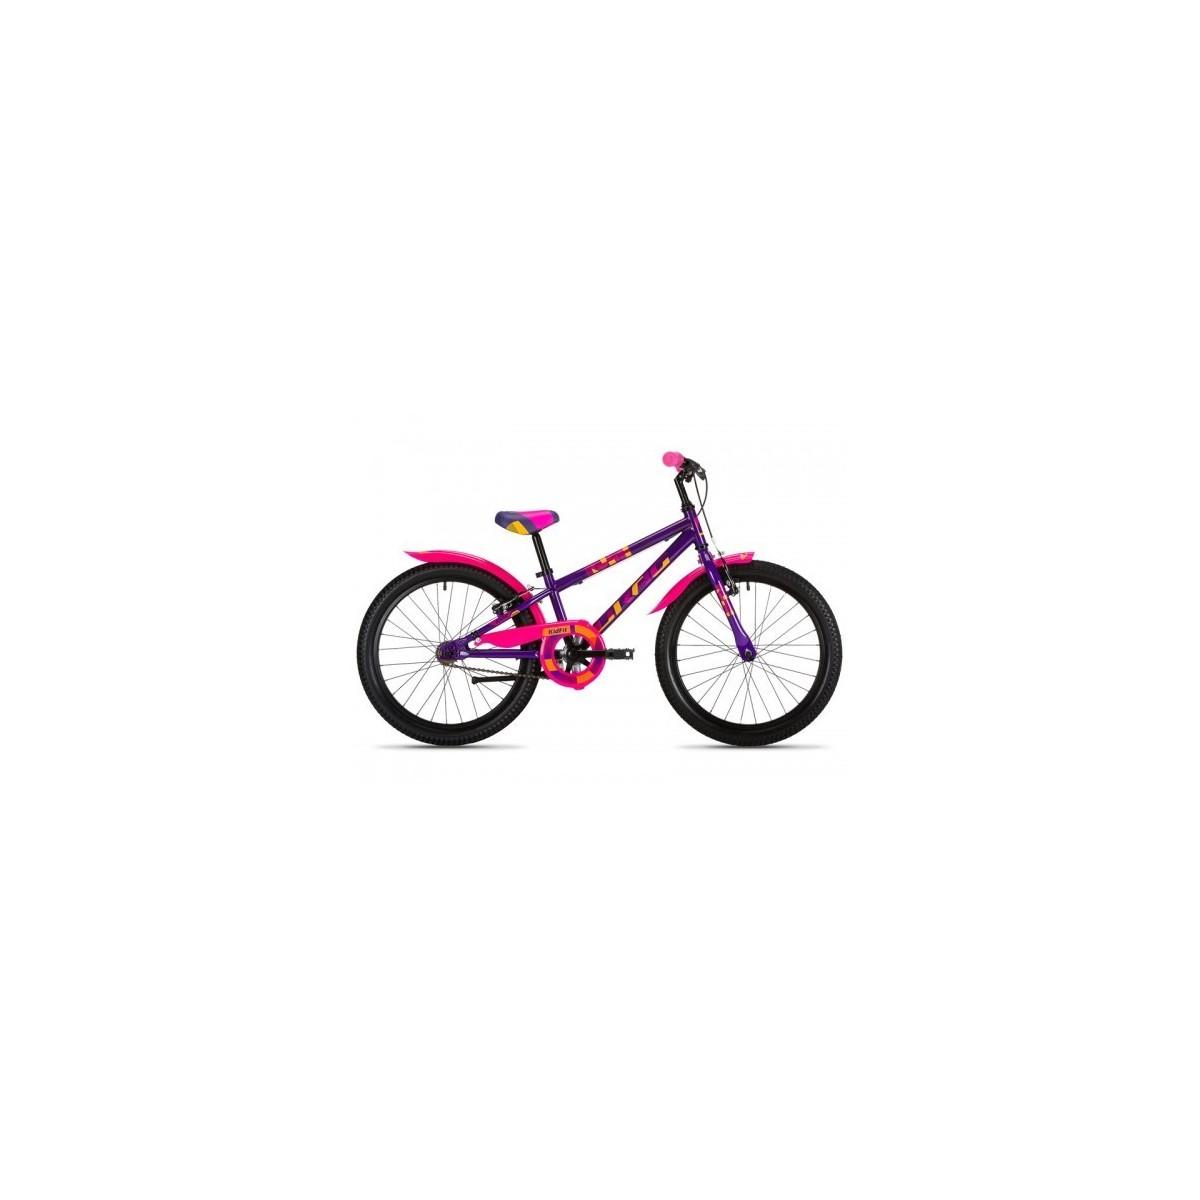 bērnu velosipēds drag rush